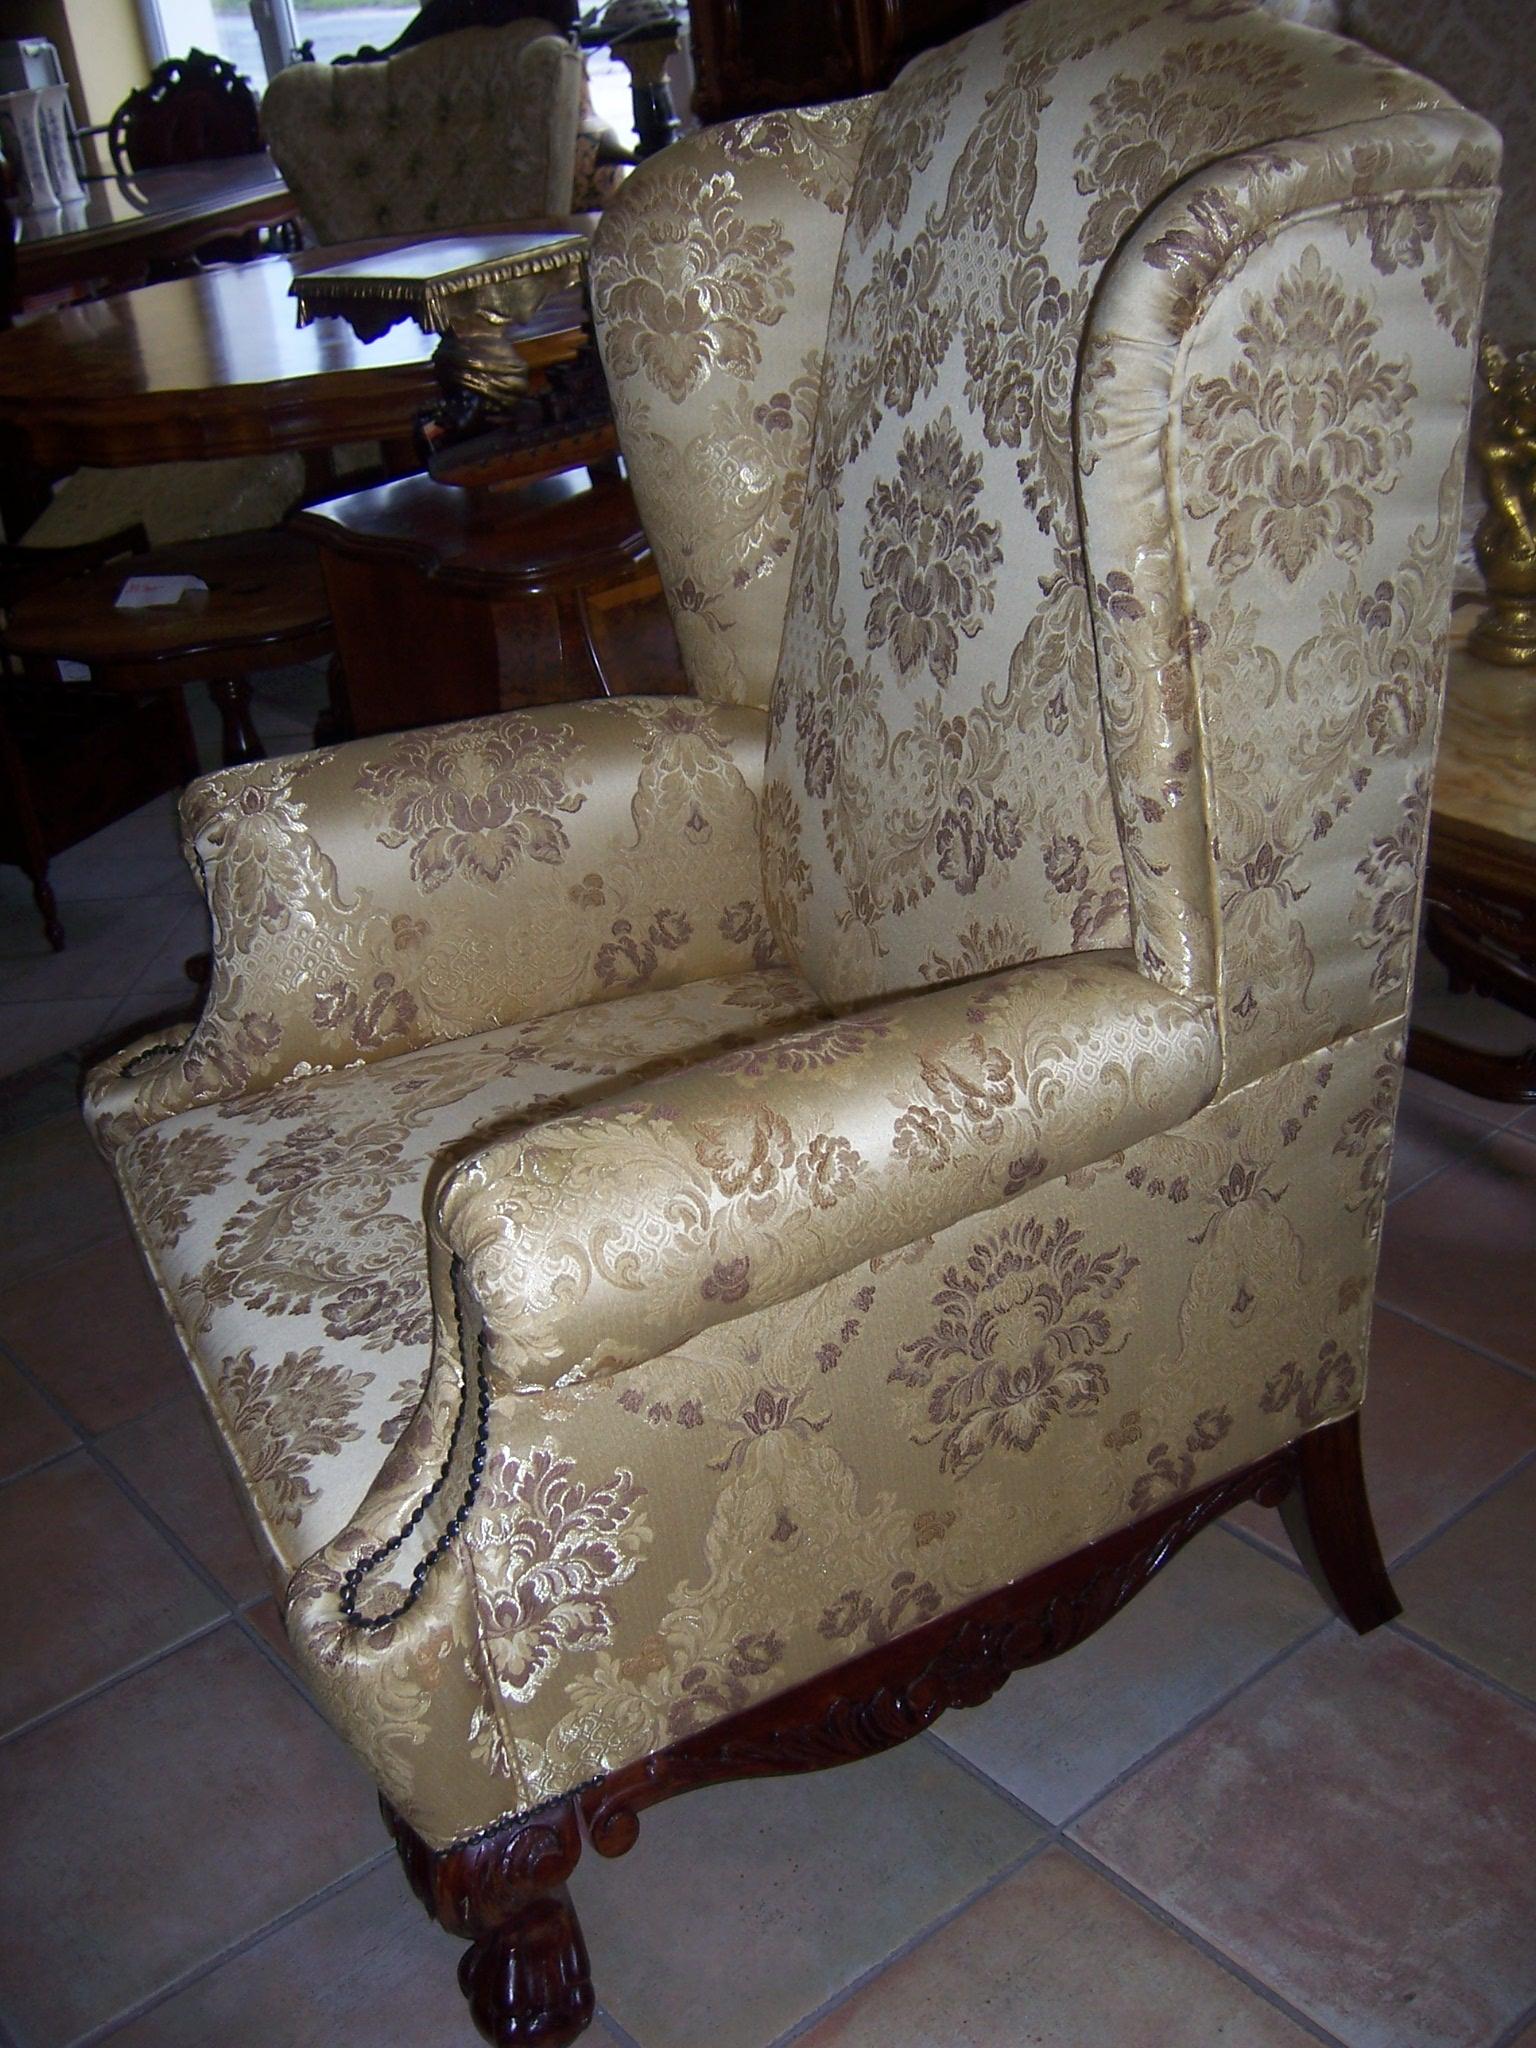 Barokk füles fotel Bőr füles fotel Kézi faragású füles fotel 70802d4ccc